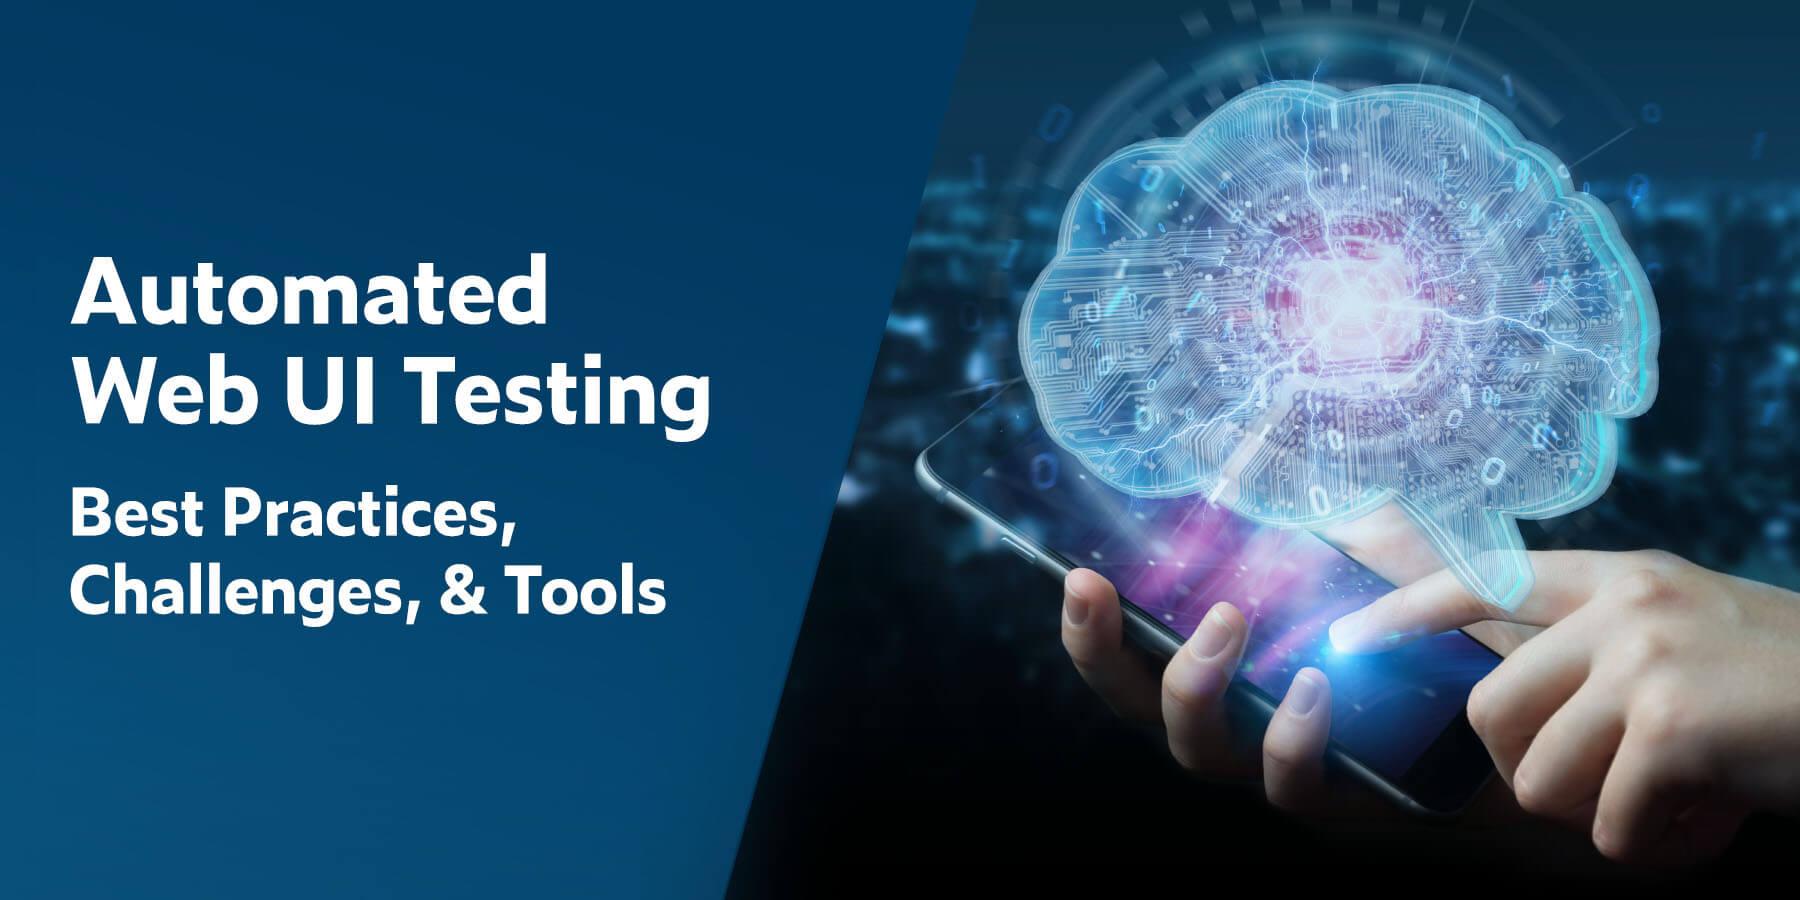 Pruebas automatizadas de interfaz de usuario web: mejores prácticas, desafíos y herramientas